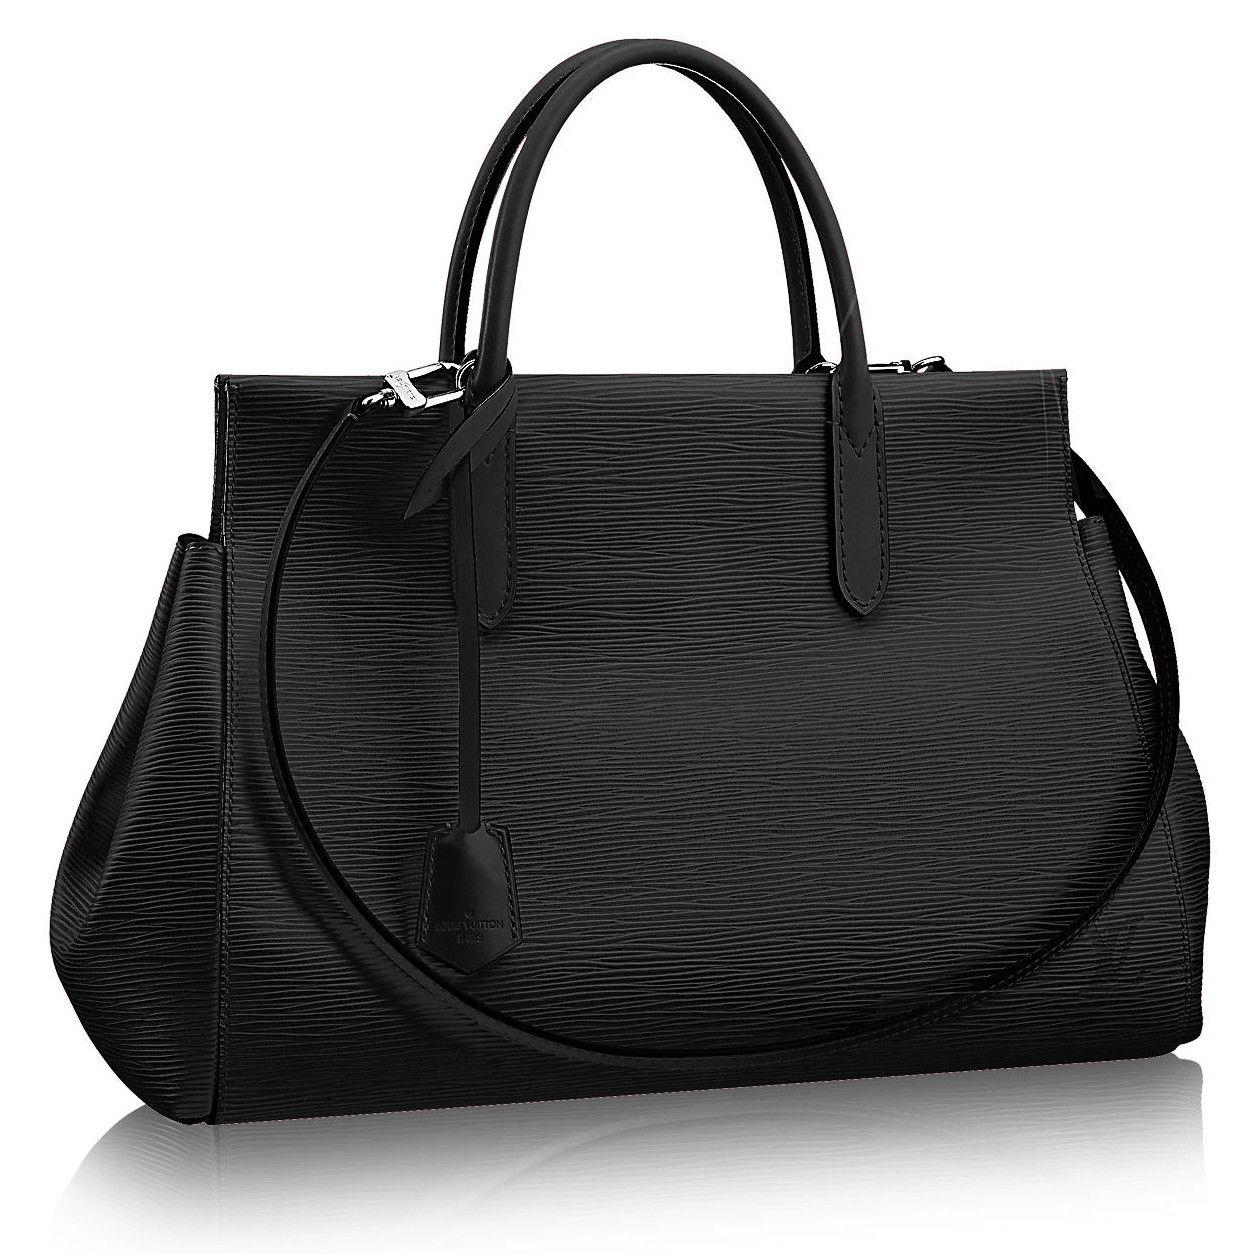 Designer Handbag For The Office